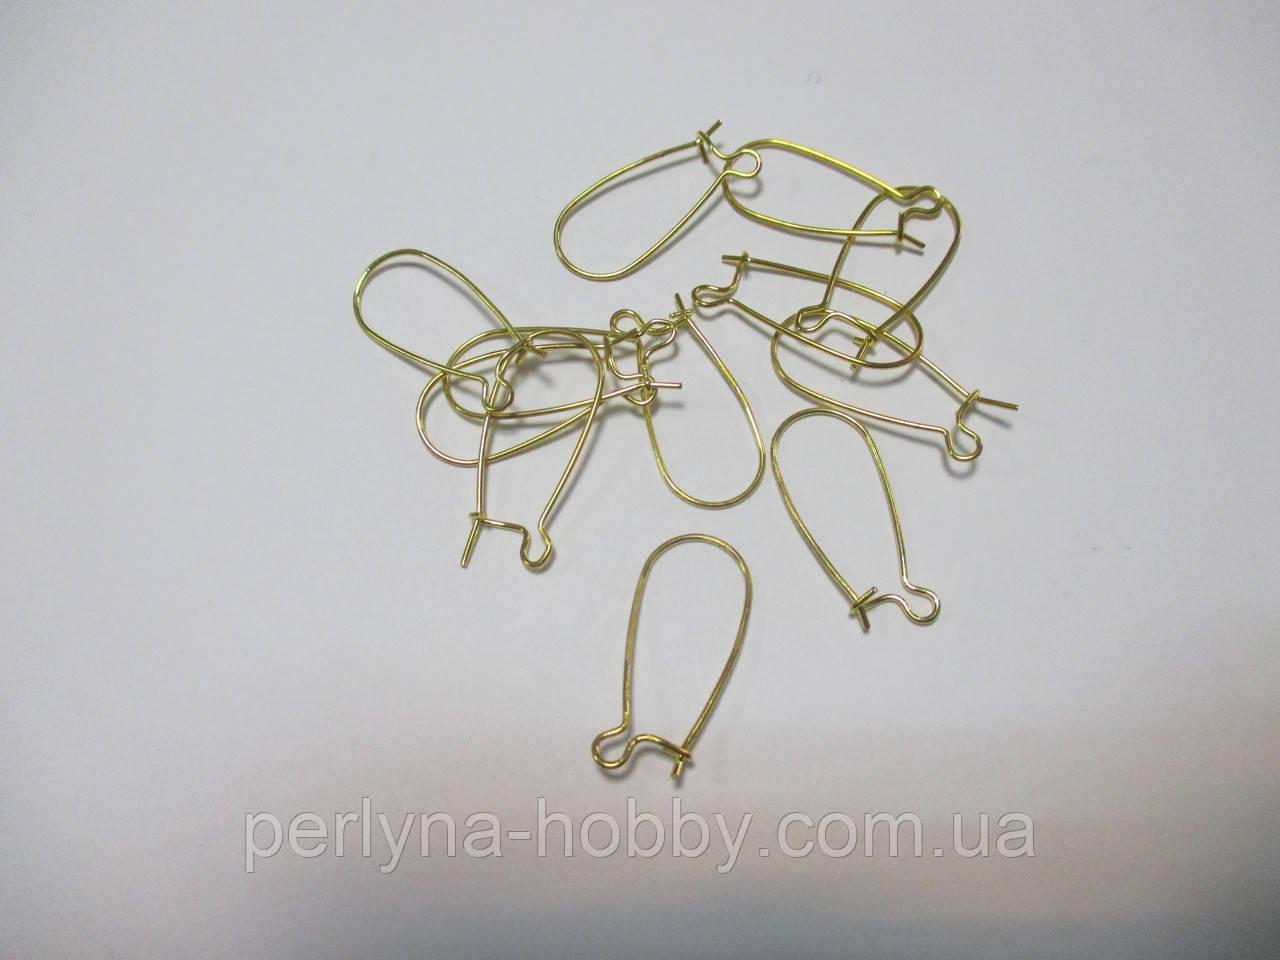 Швензи Петля золото 25мм 10 пар (20 шт)